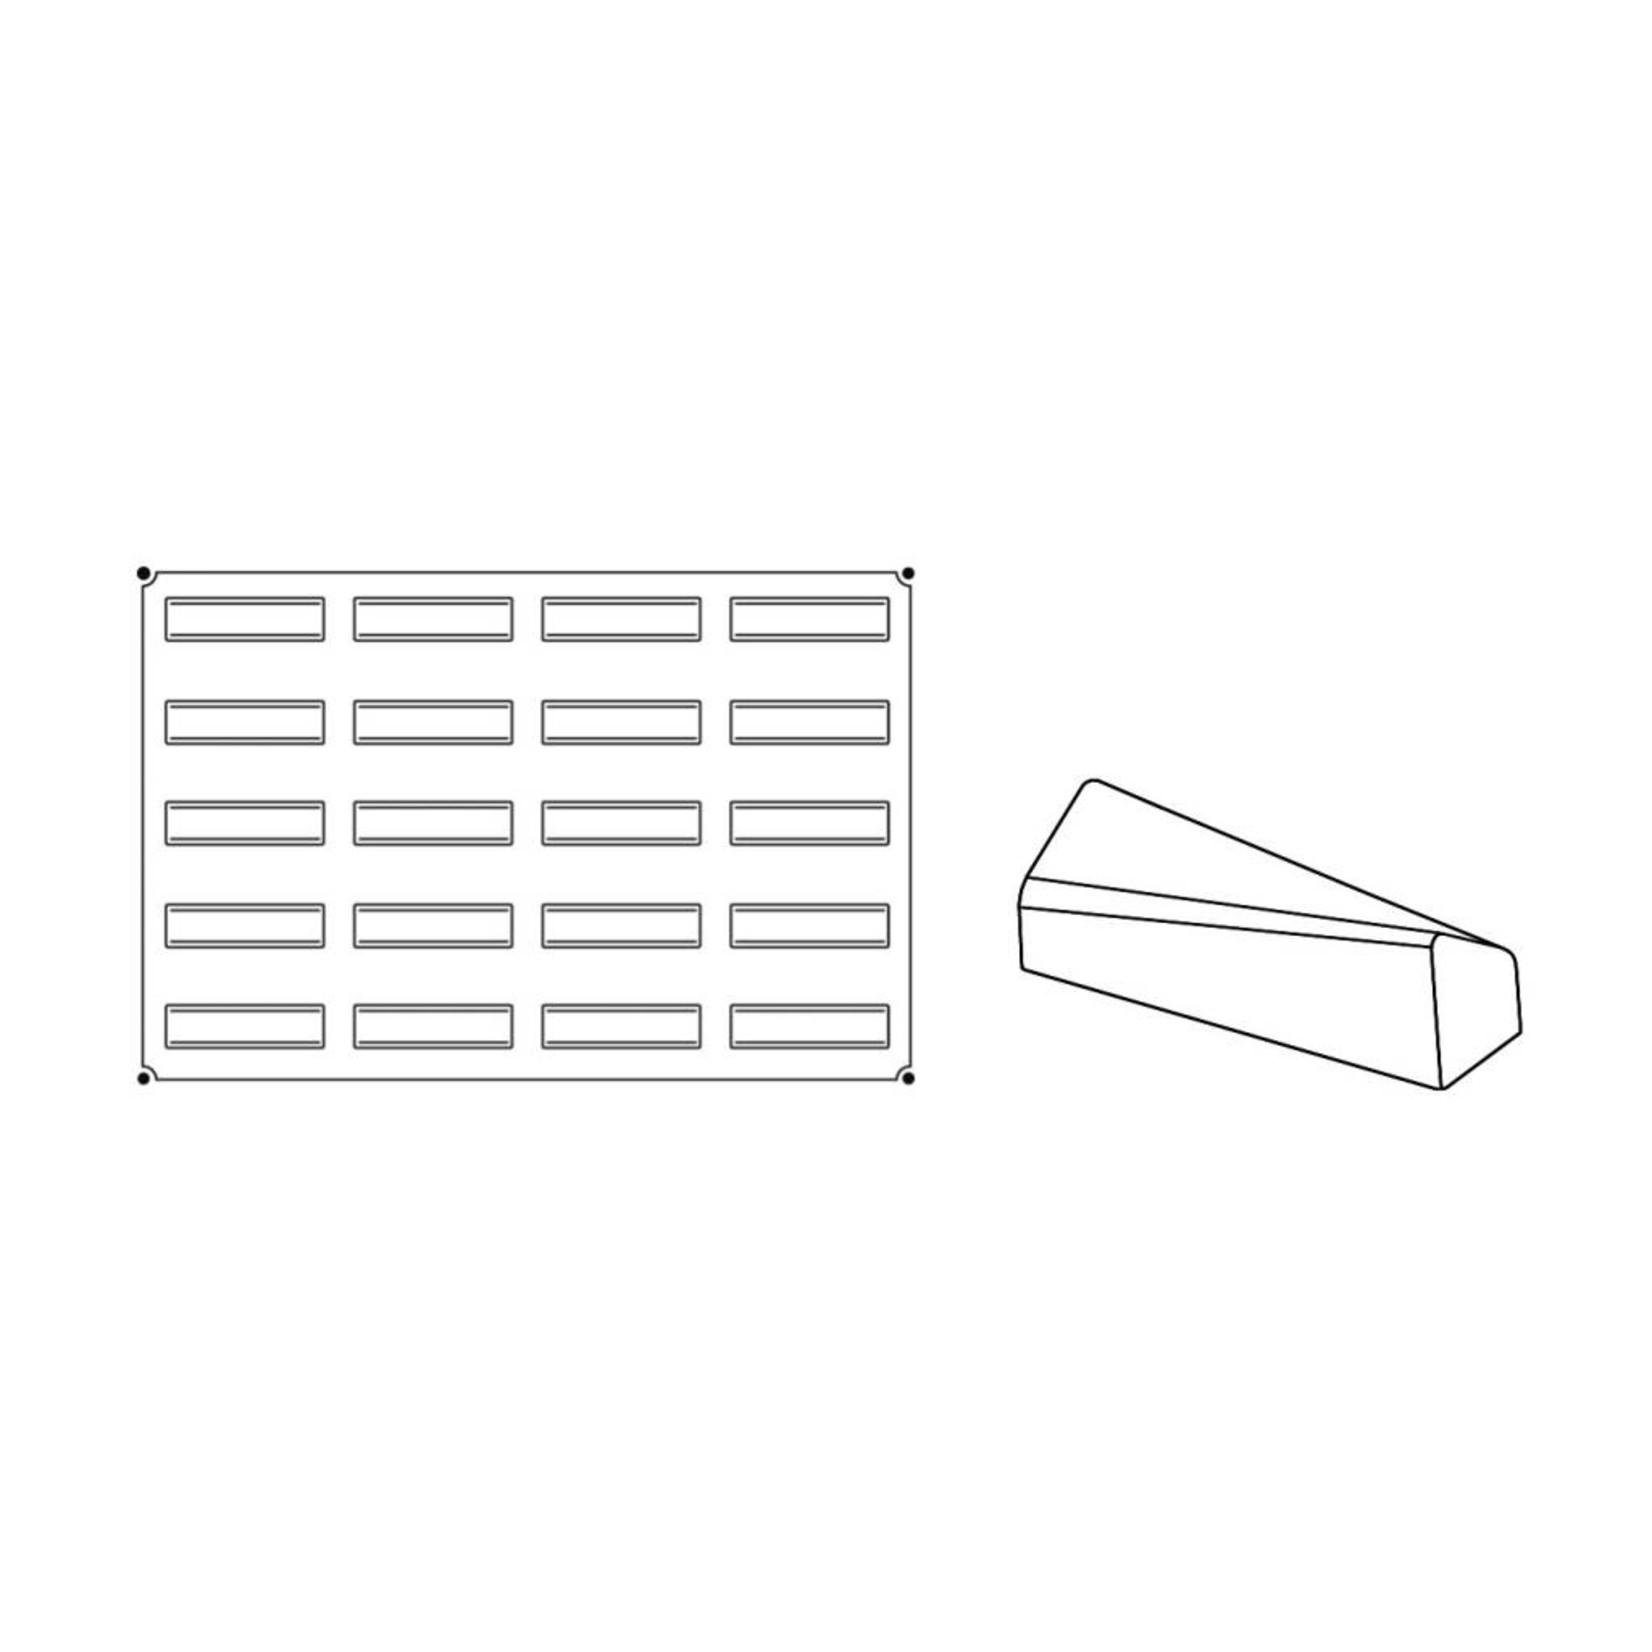 Pavoni Pavoni - Pavoflex silicone mold, Soft, Monoporzione (20 cavity), PX025